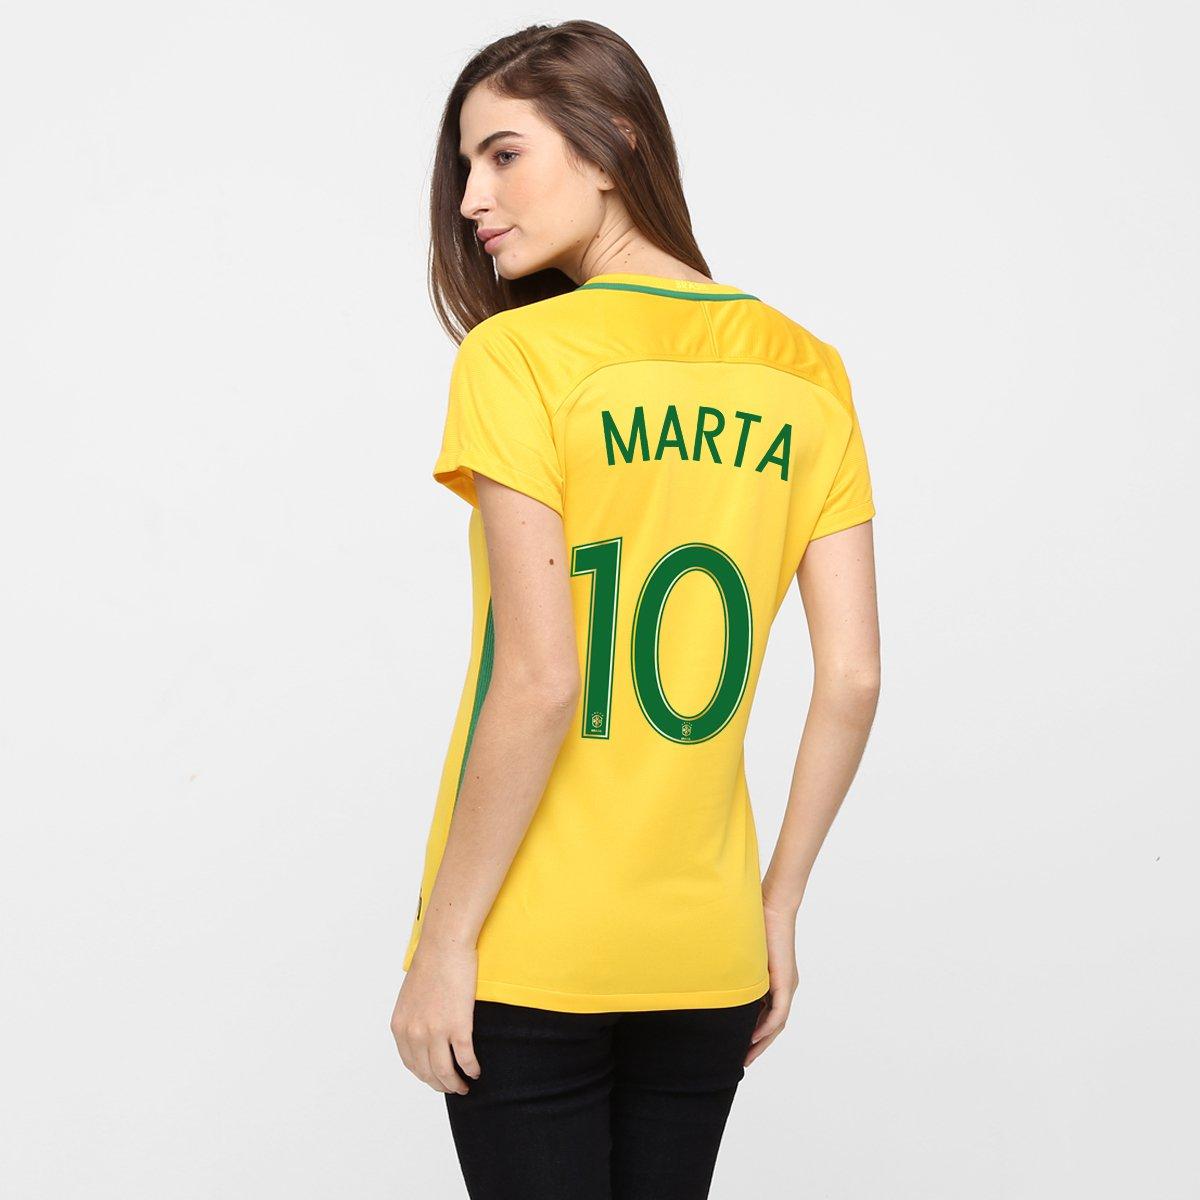 5eeda42139b55 Camisa Feminina Nike Seleção Brasil I 2016 nº 10 - Marta - Compre Agora